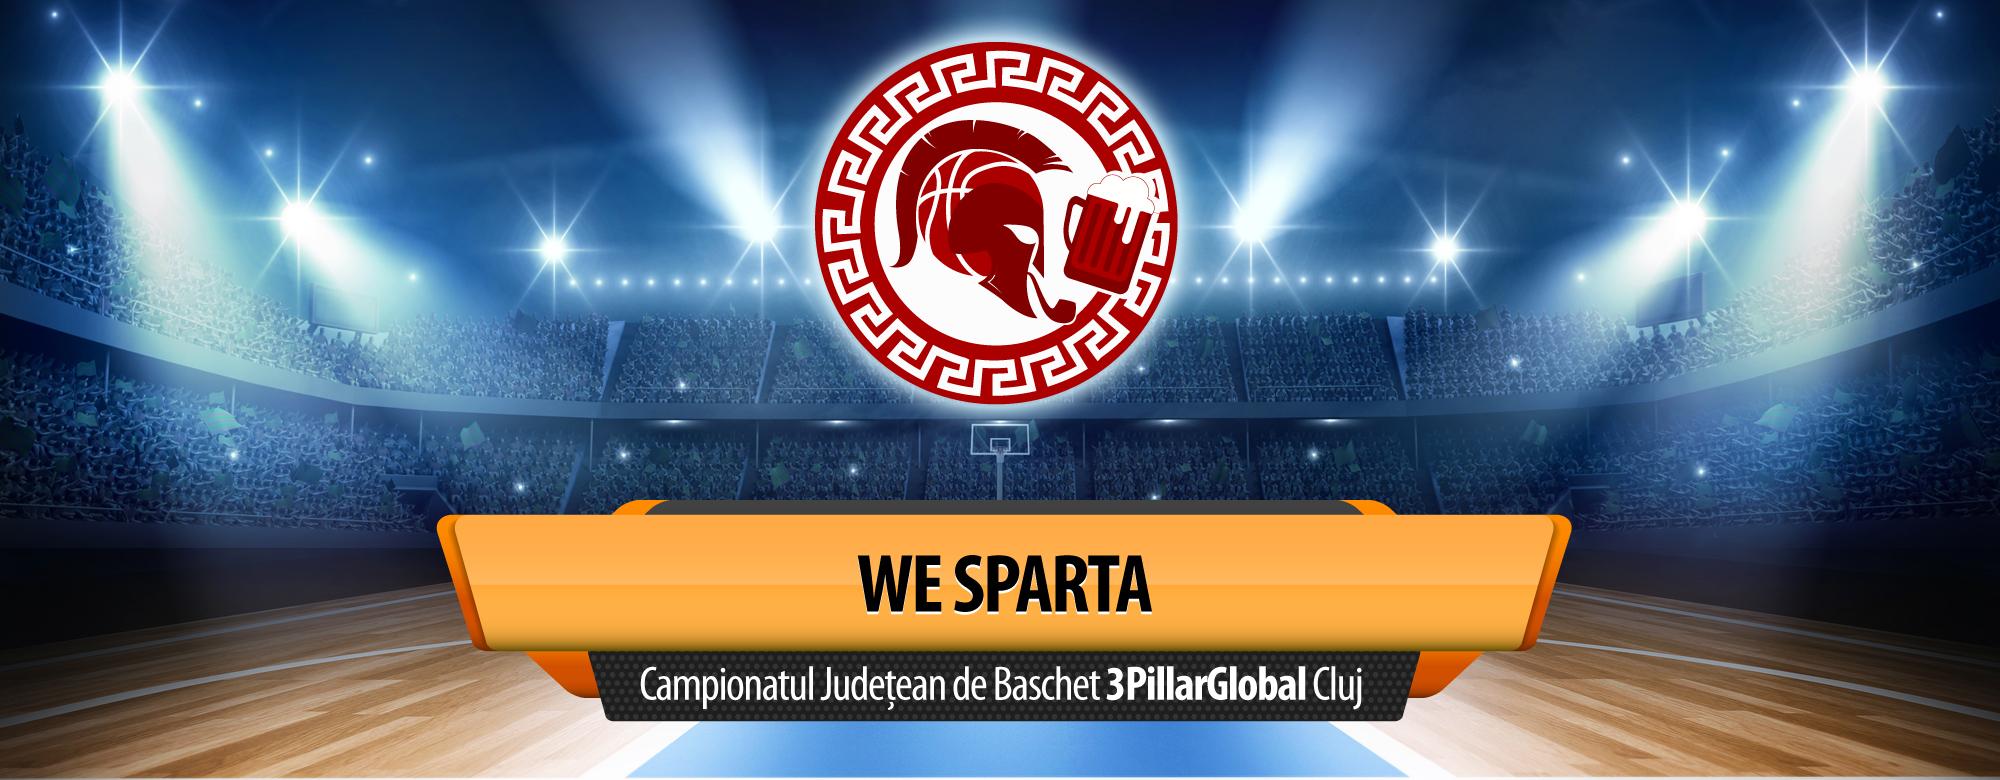 Header-WeSparta